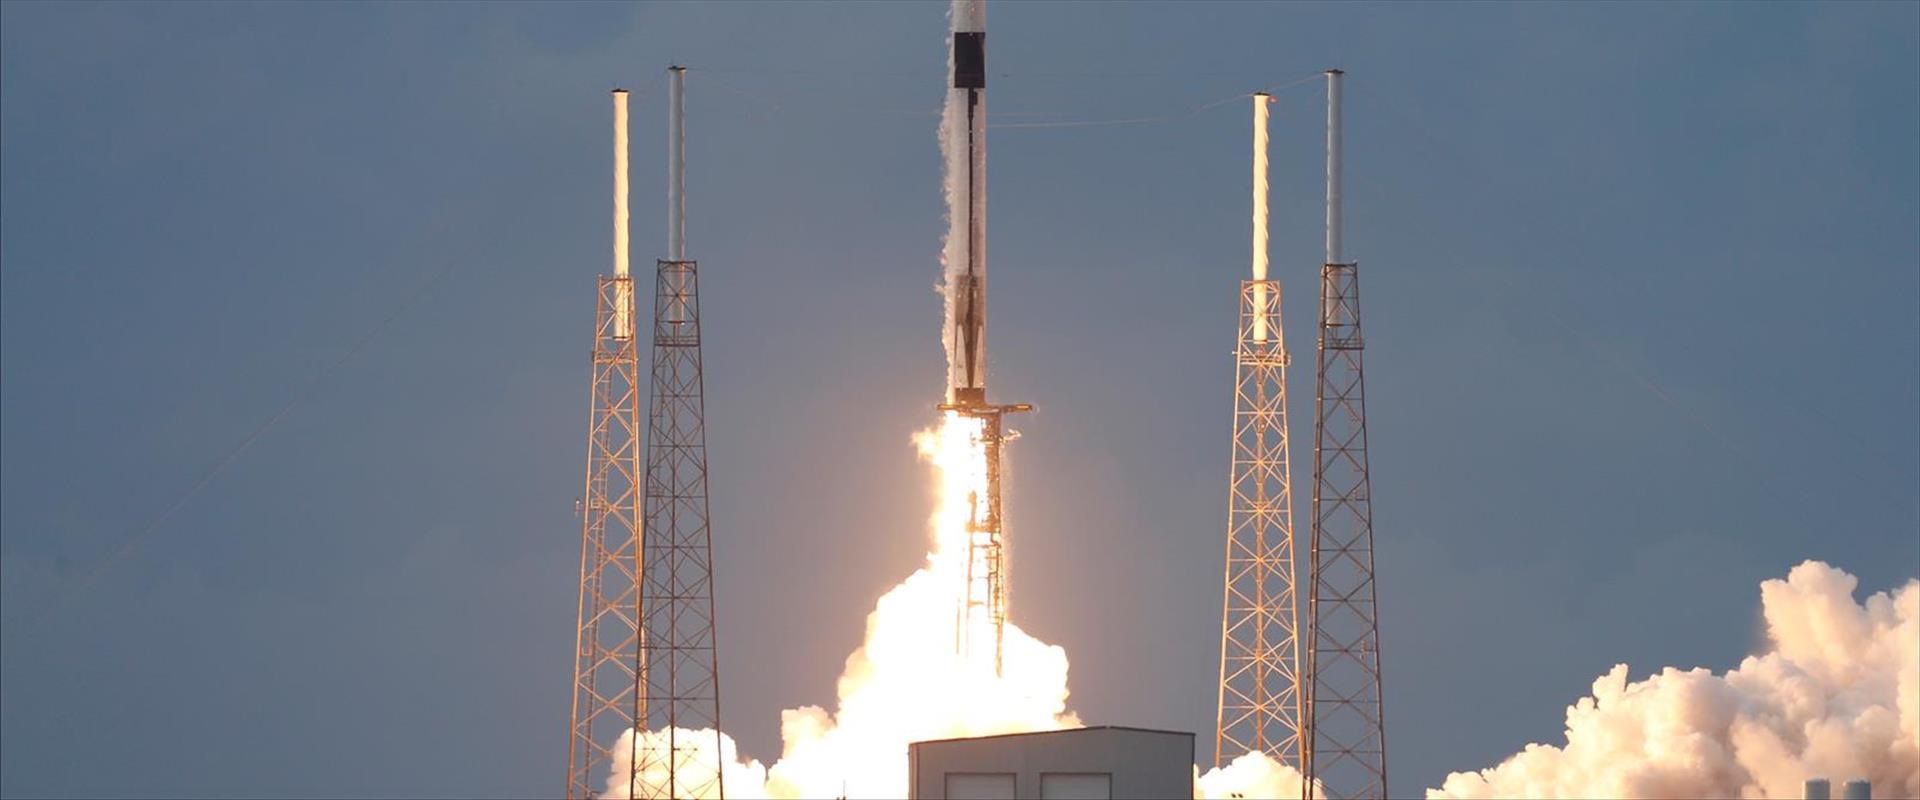 שיגור הלוויין עמוס 17 לחלל מקייפ קנברל, פלורידה